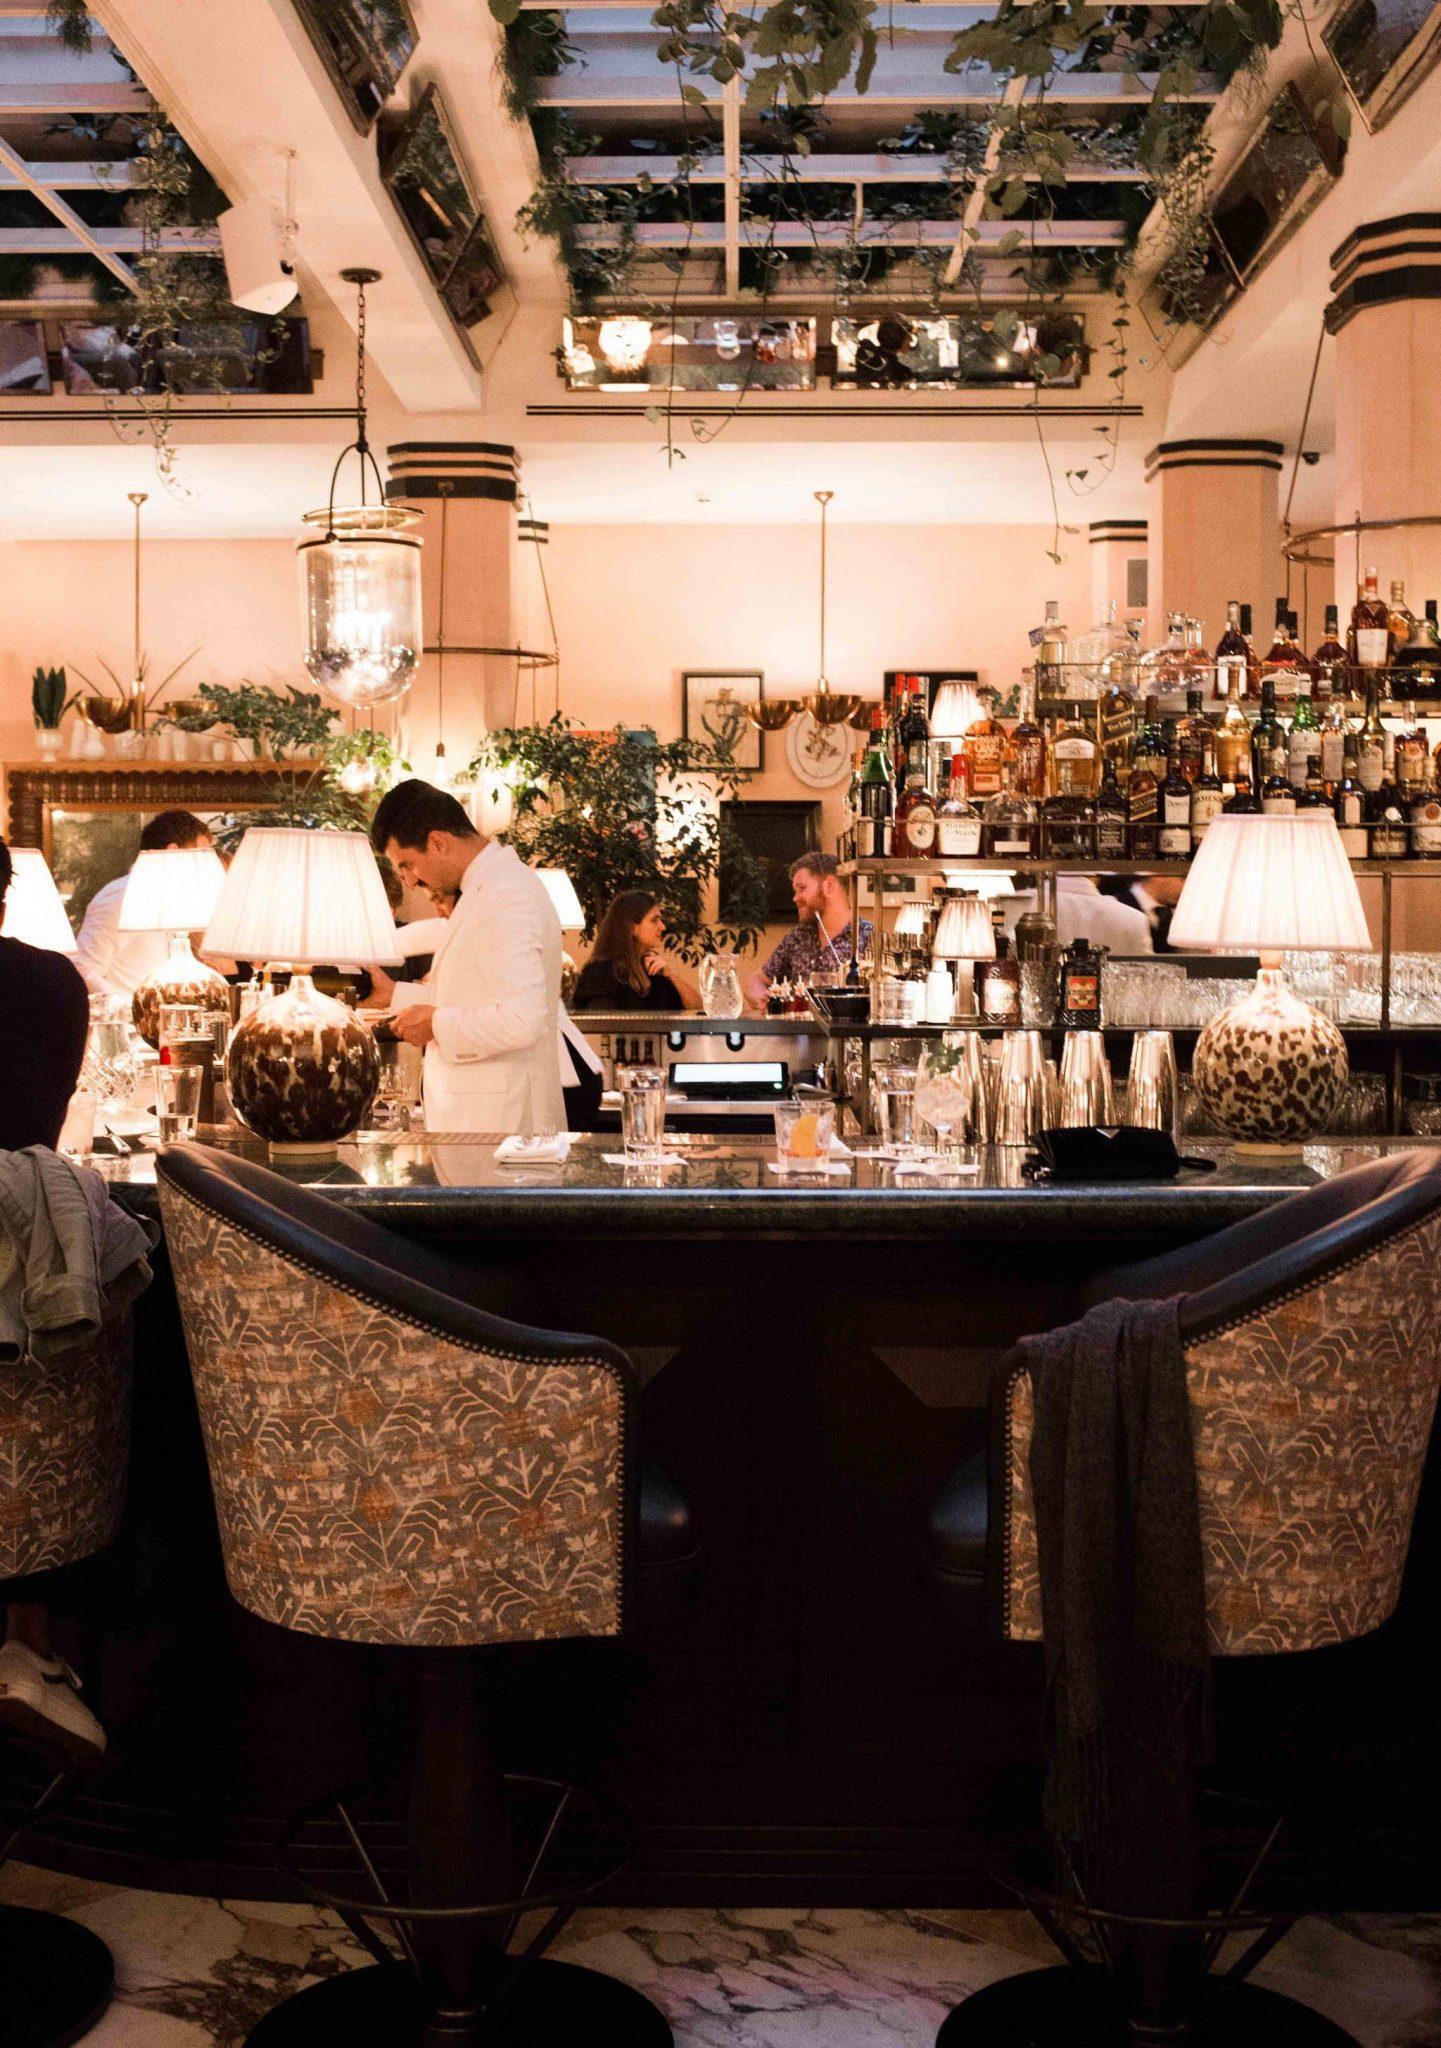 cecconis culinessa 1 2 - Culinessa tips: Restaurant Cecconi's Amsterdam